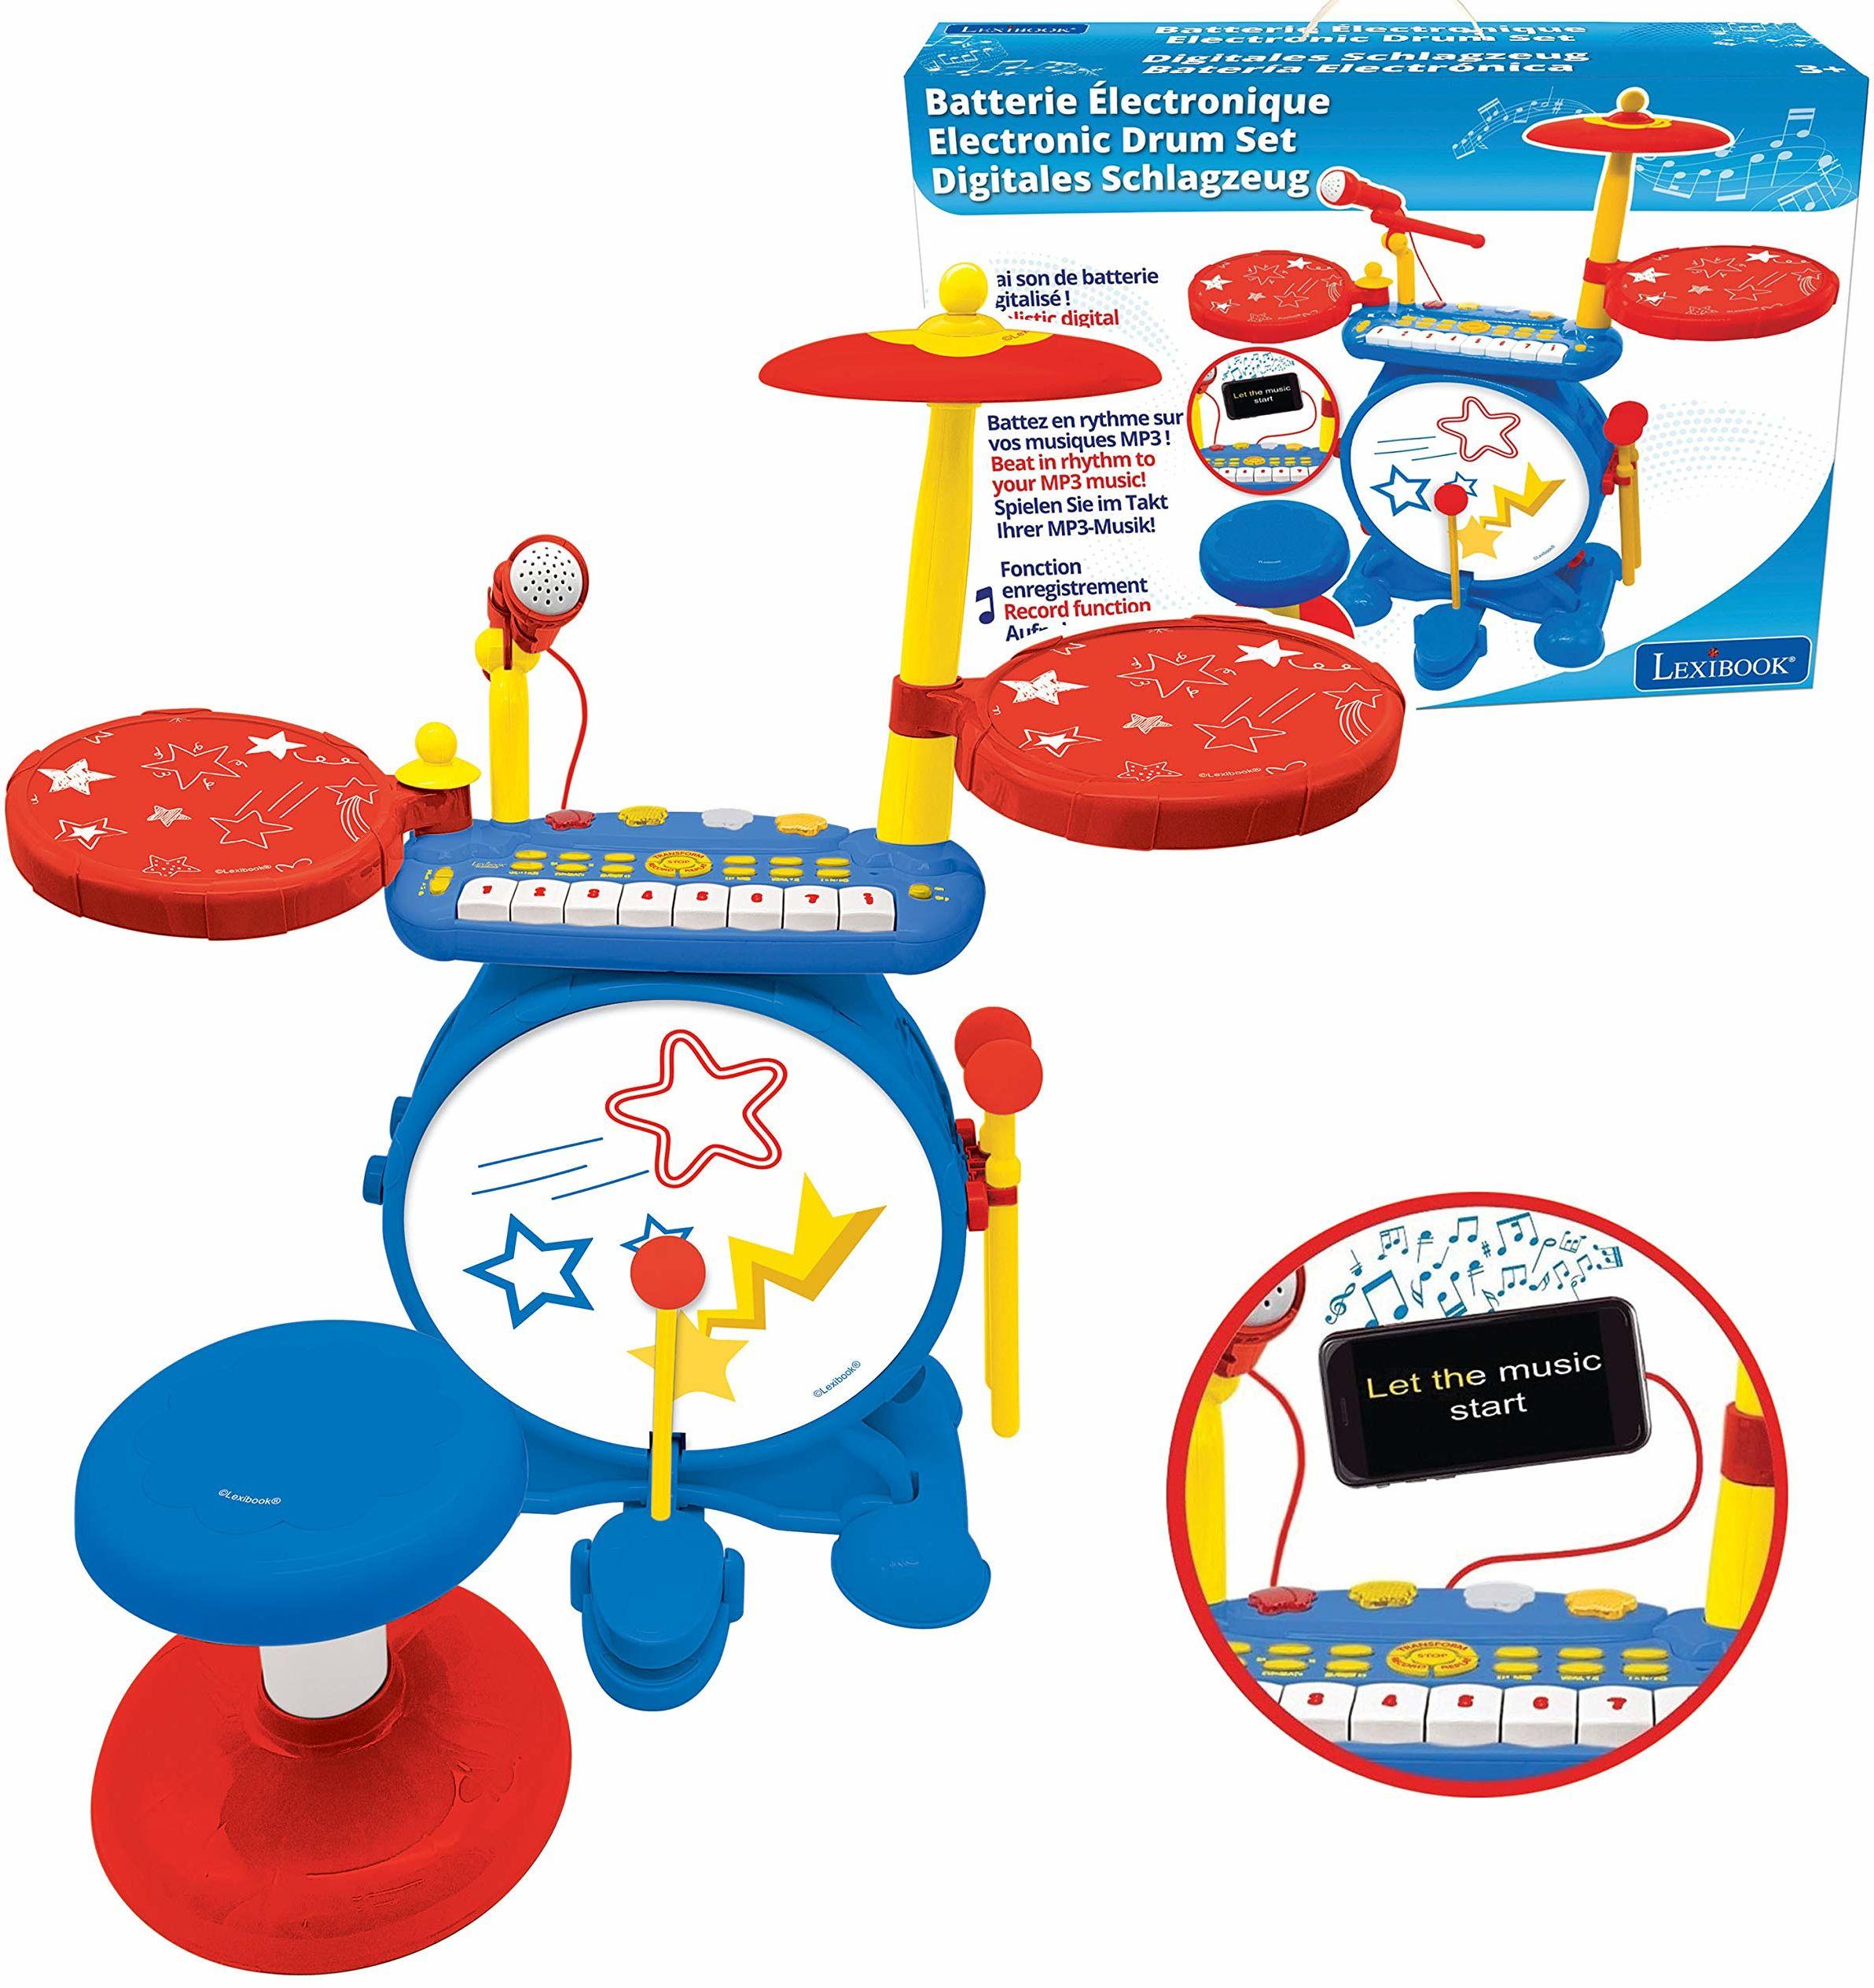 Lexibook K610 zestaw elektroniczny dla dzieci, gra muzyczna zabawkowa, realistyczny dźwięk perkusji, klawiatura z 8 klawiszami, wtyczka MP3, gniazdo w zestawie, niebieski/czerwony